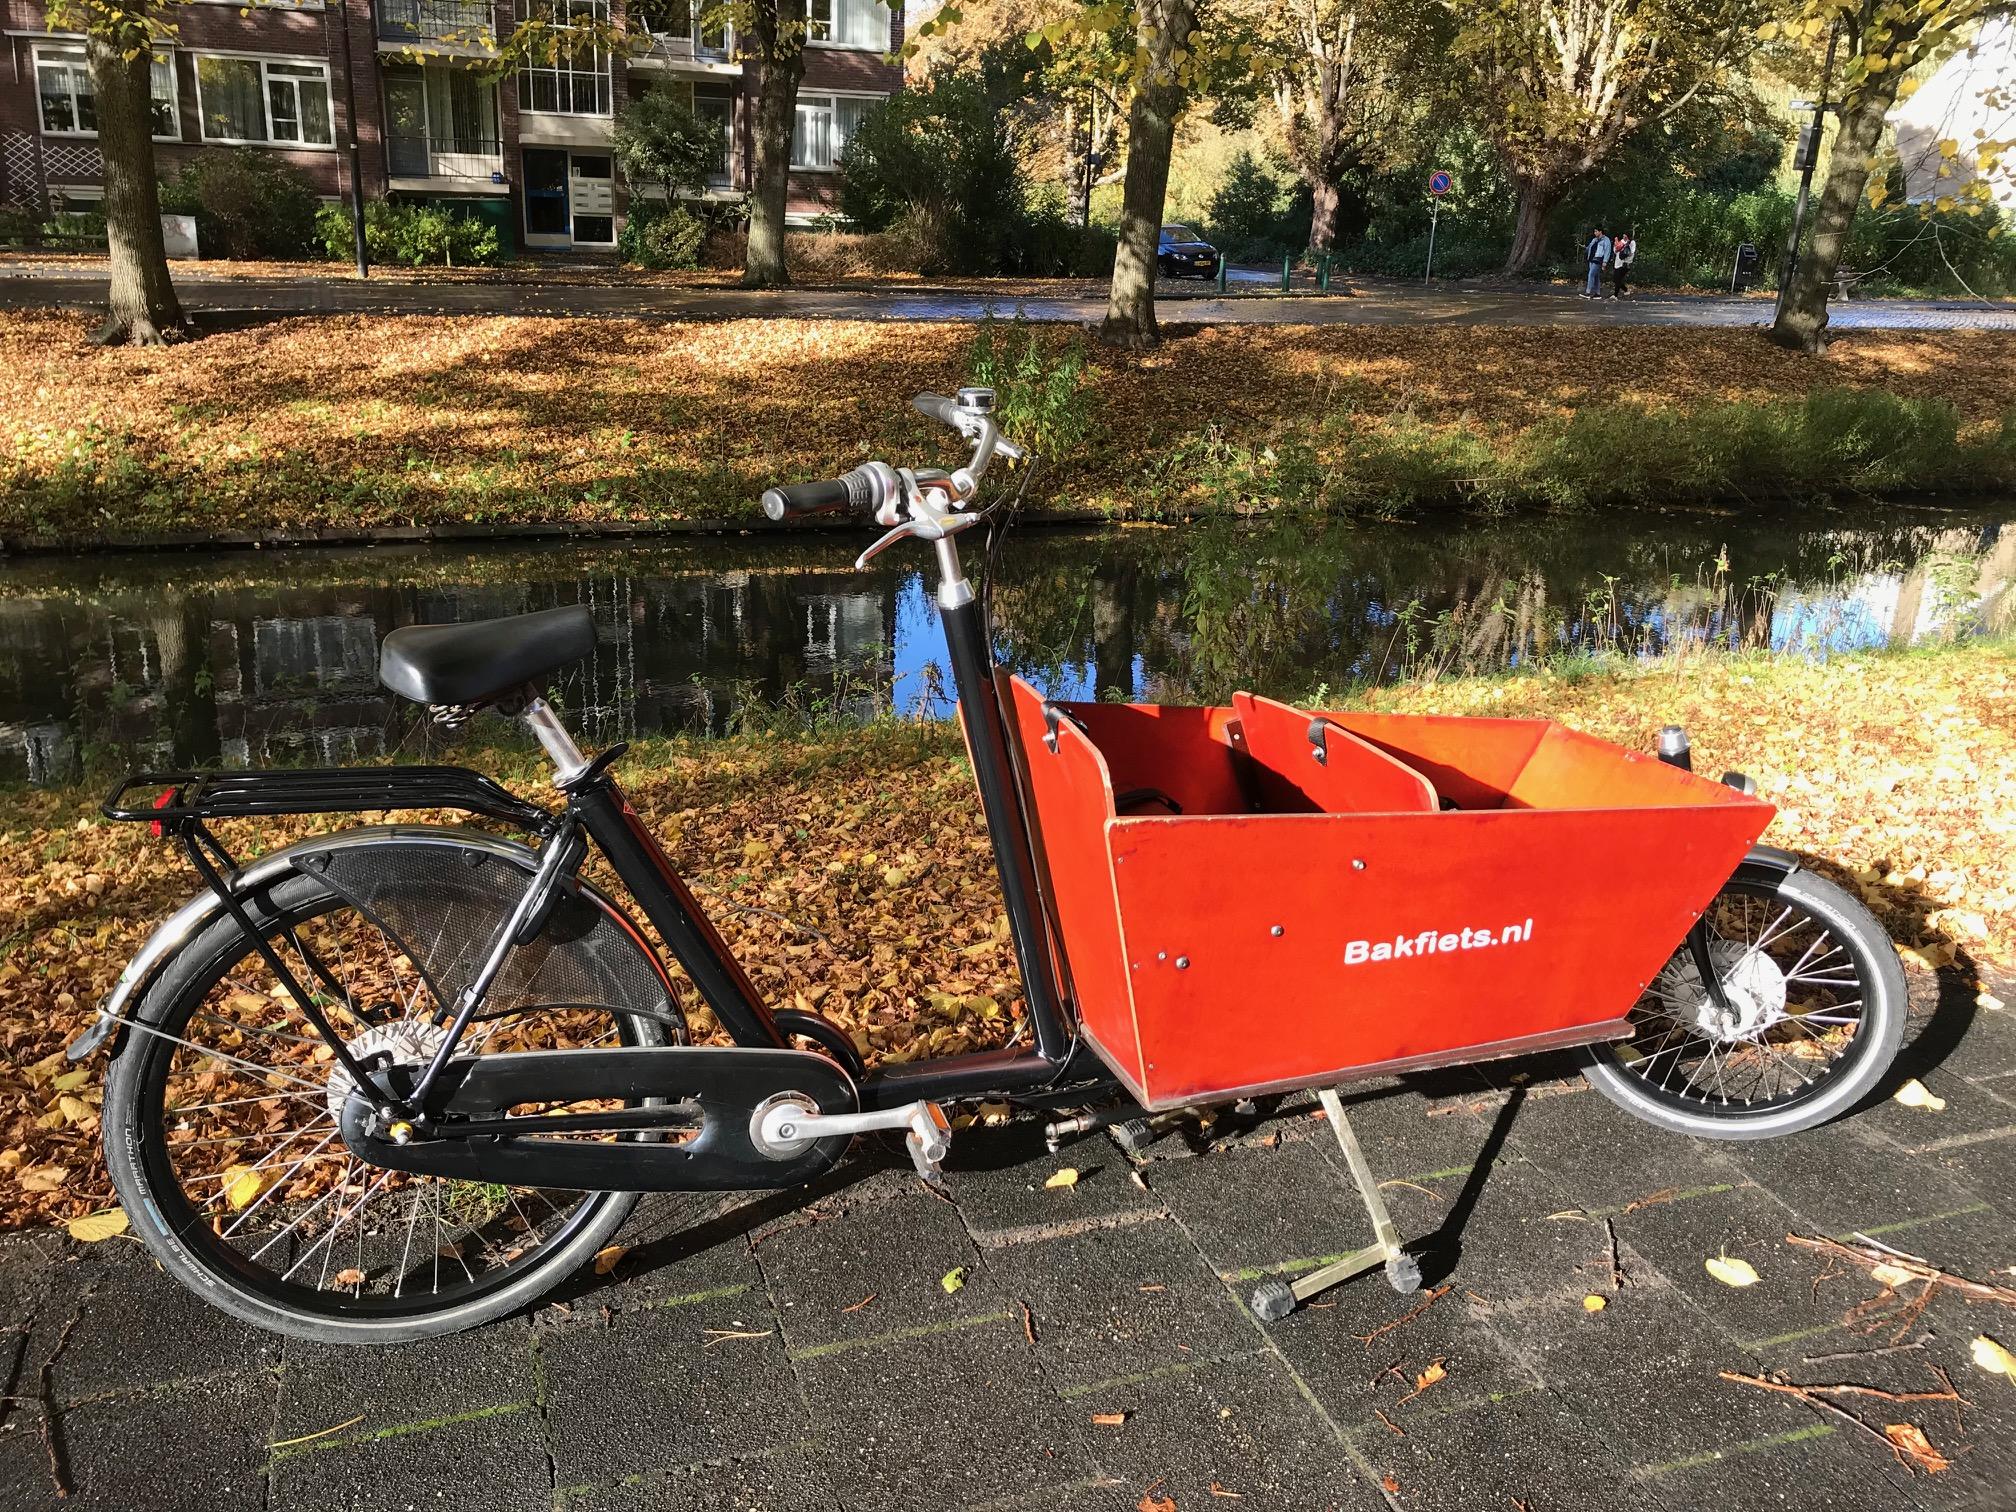 Tweedehands bakfiets kopen - Bella fiets